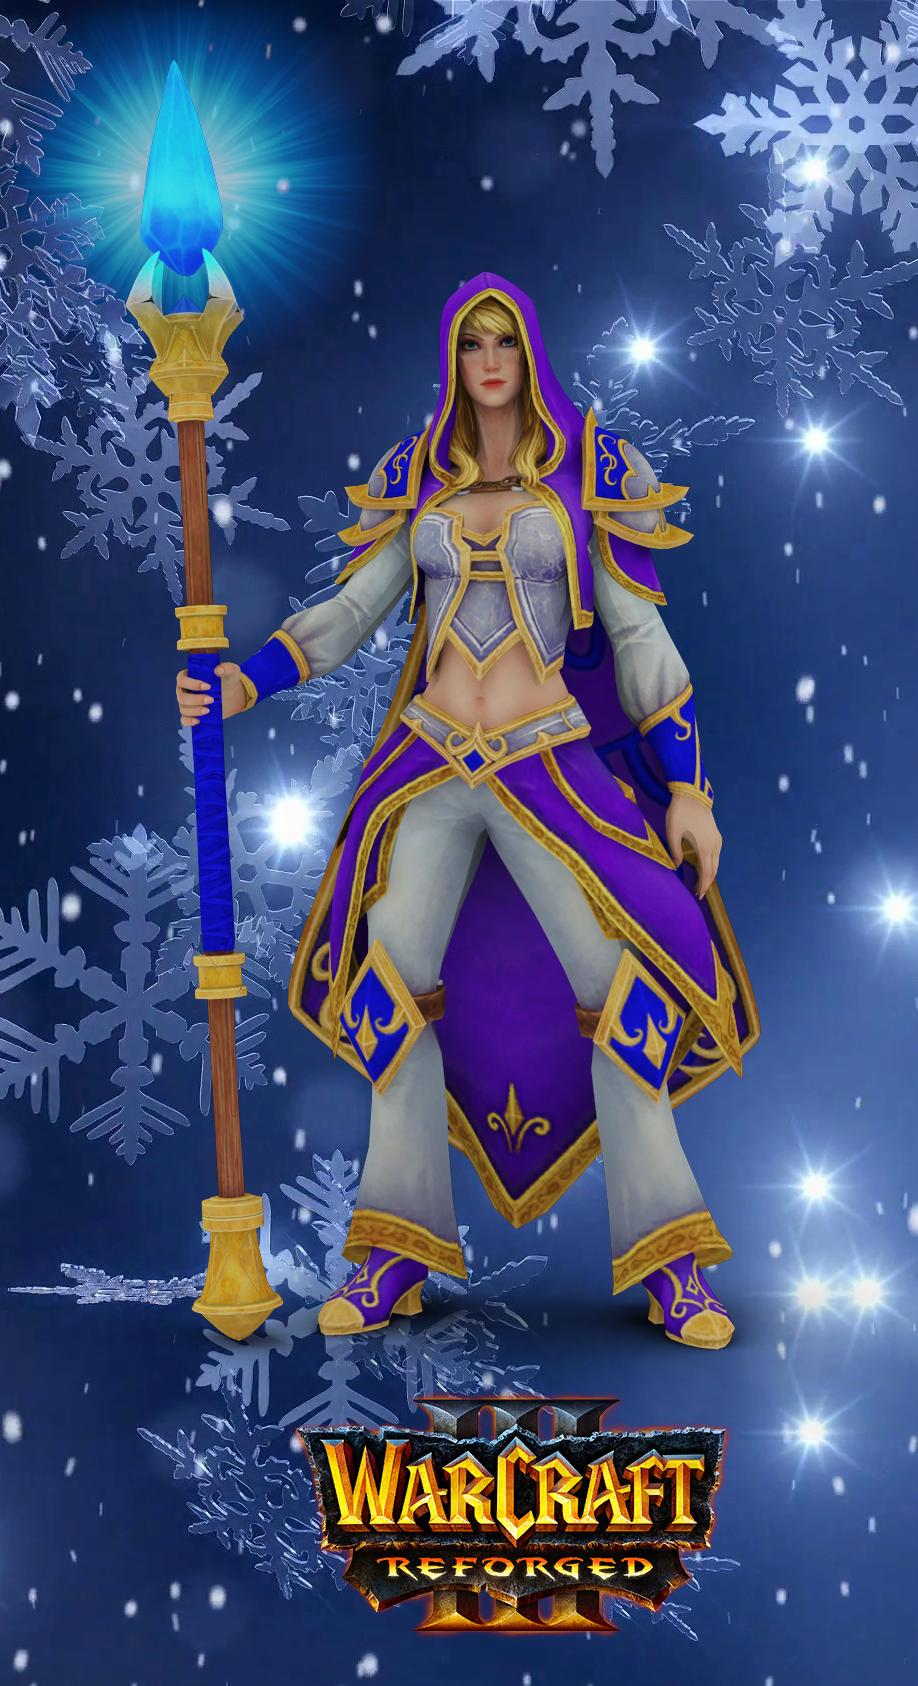 Warcraft Iii Jaina Proudmoore By Maxdemon6 On Deviantart